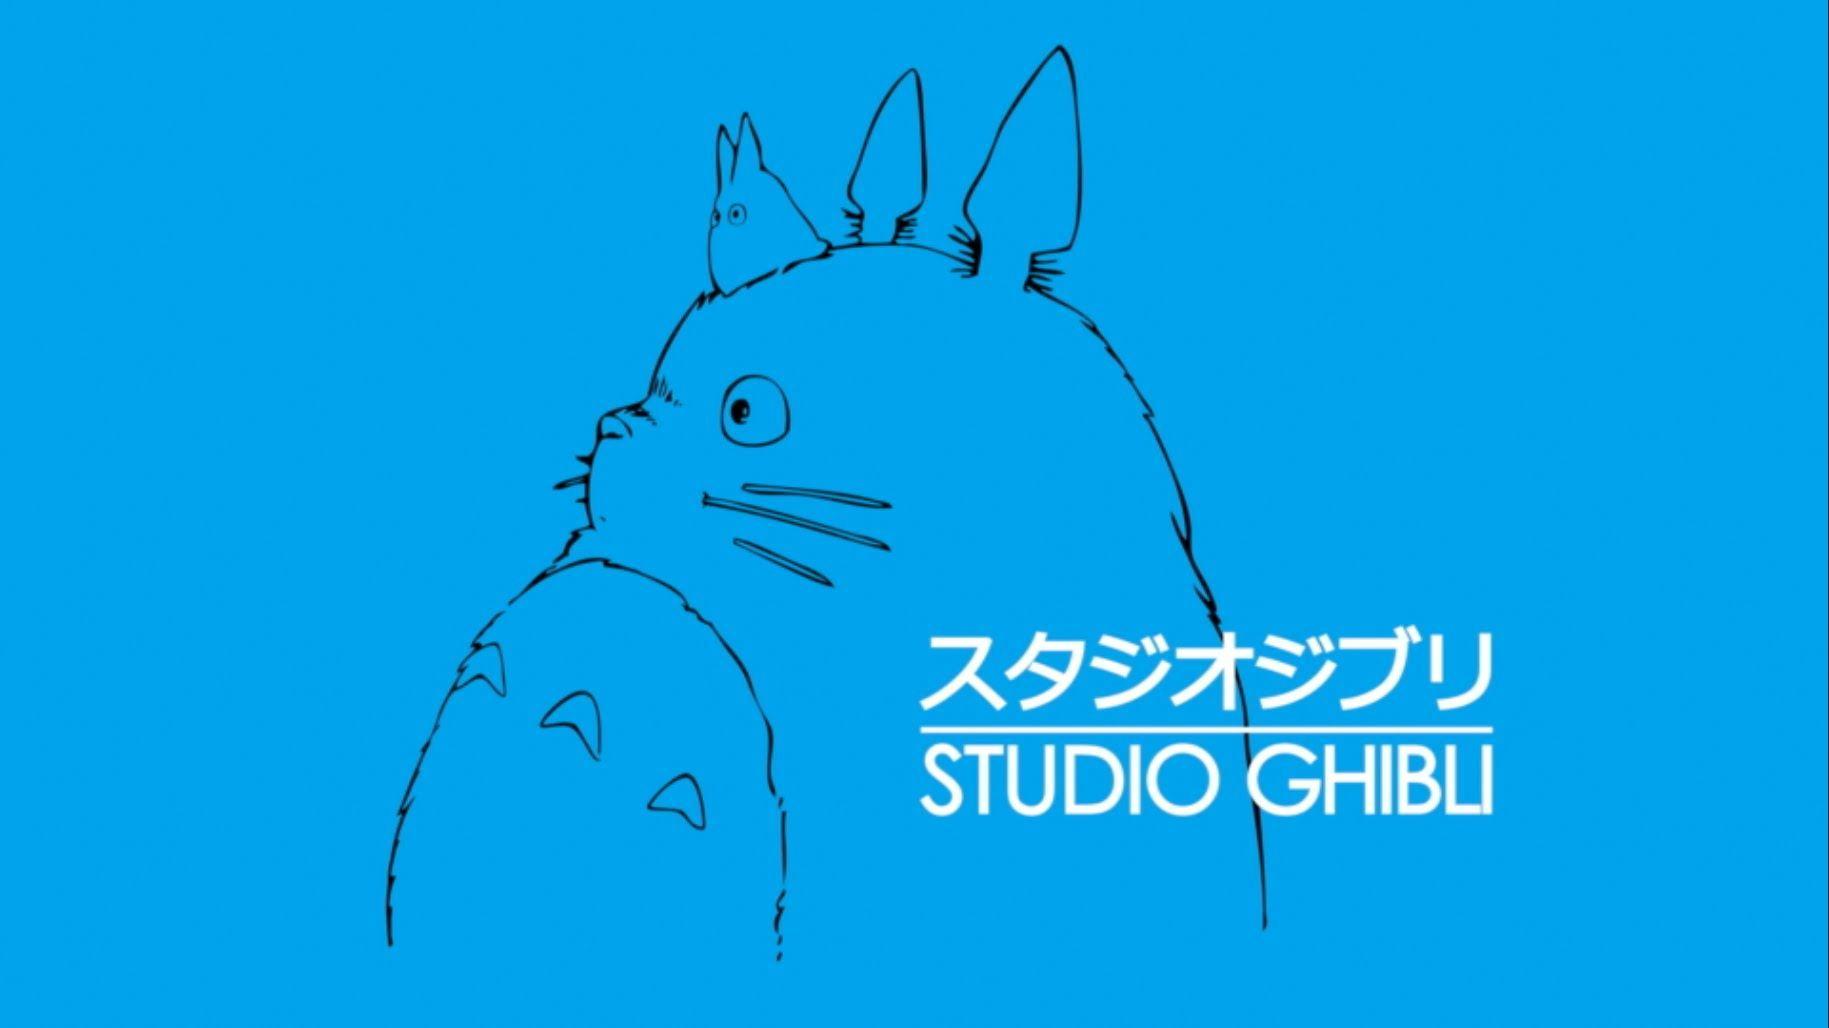 ¿Cuál es la película más exitosa de Studio Ghibli?